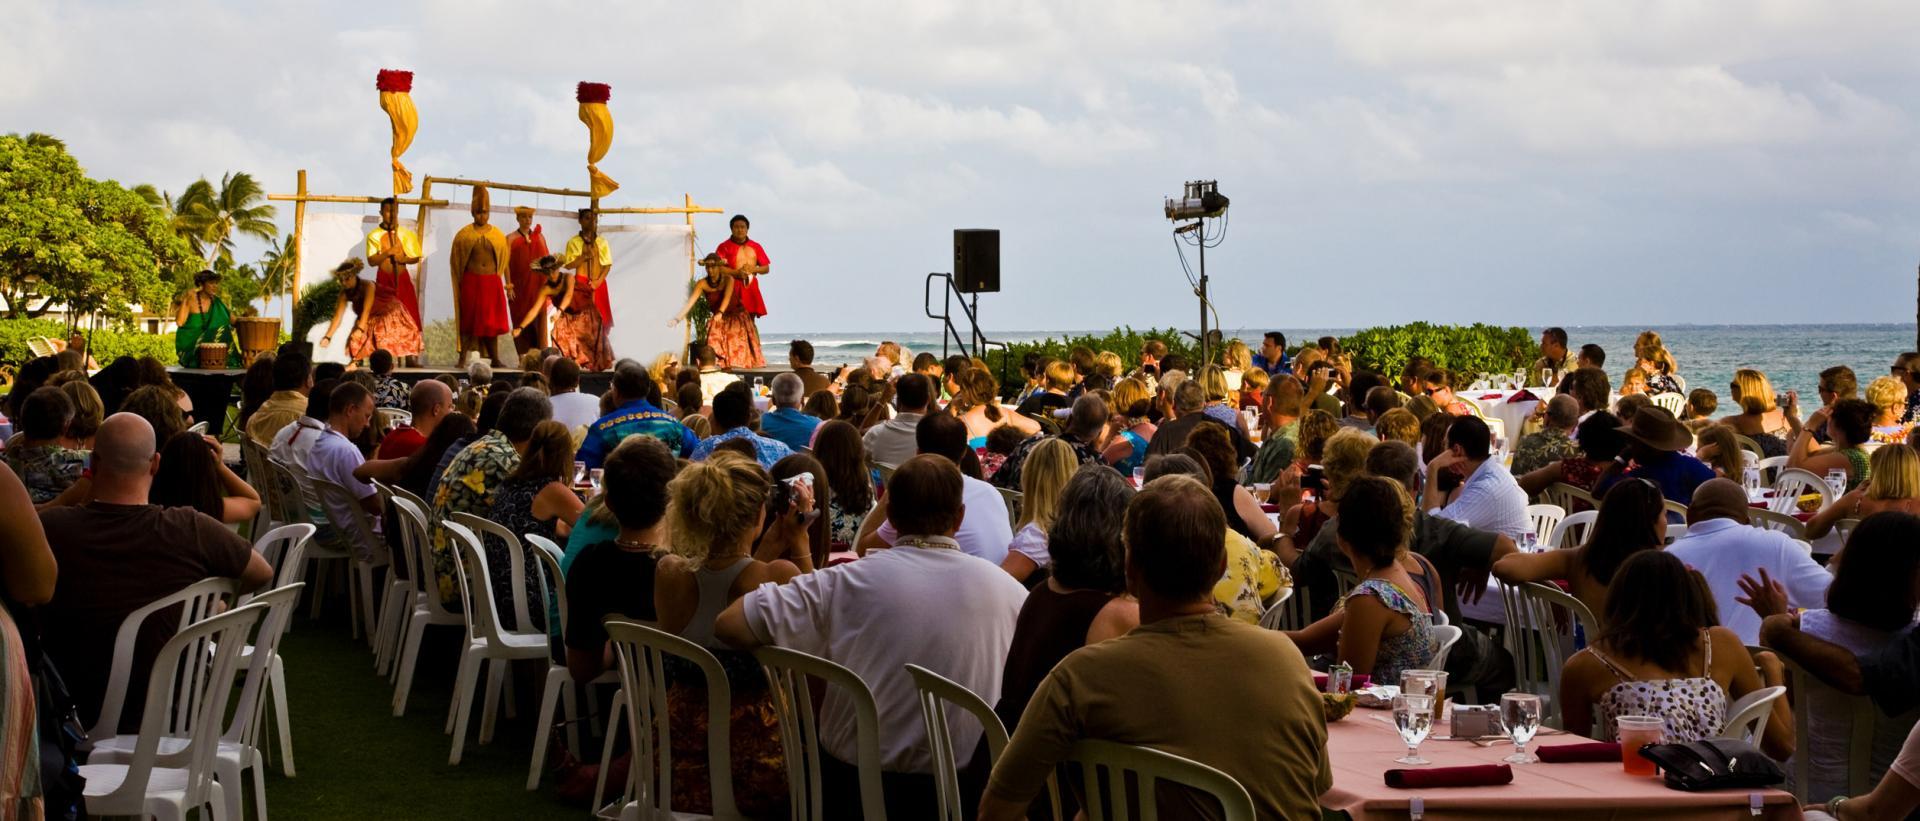 Luau in Hawaii